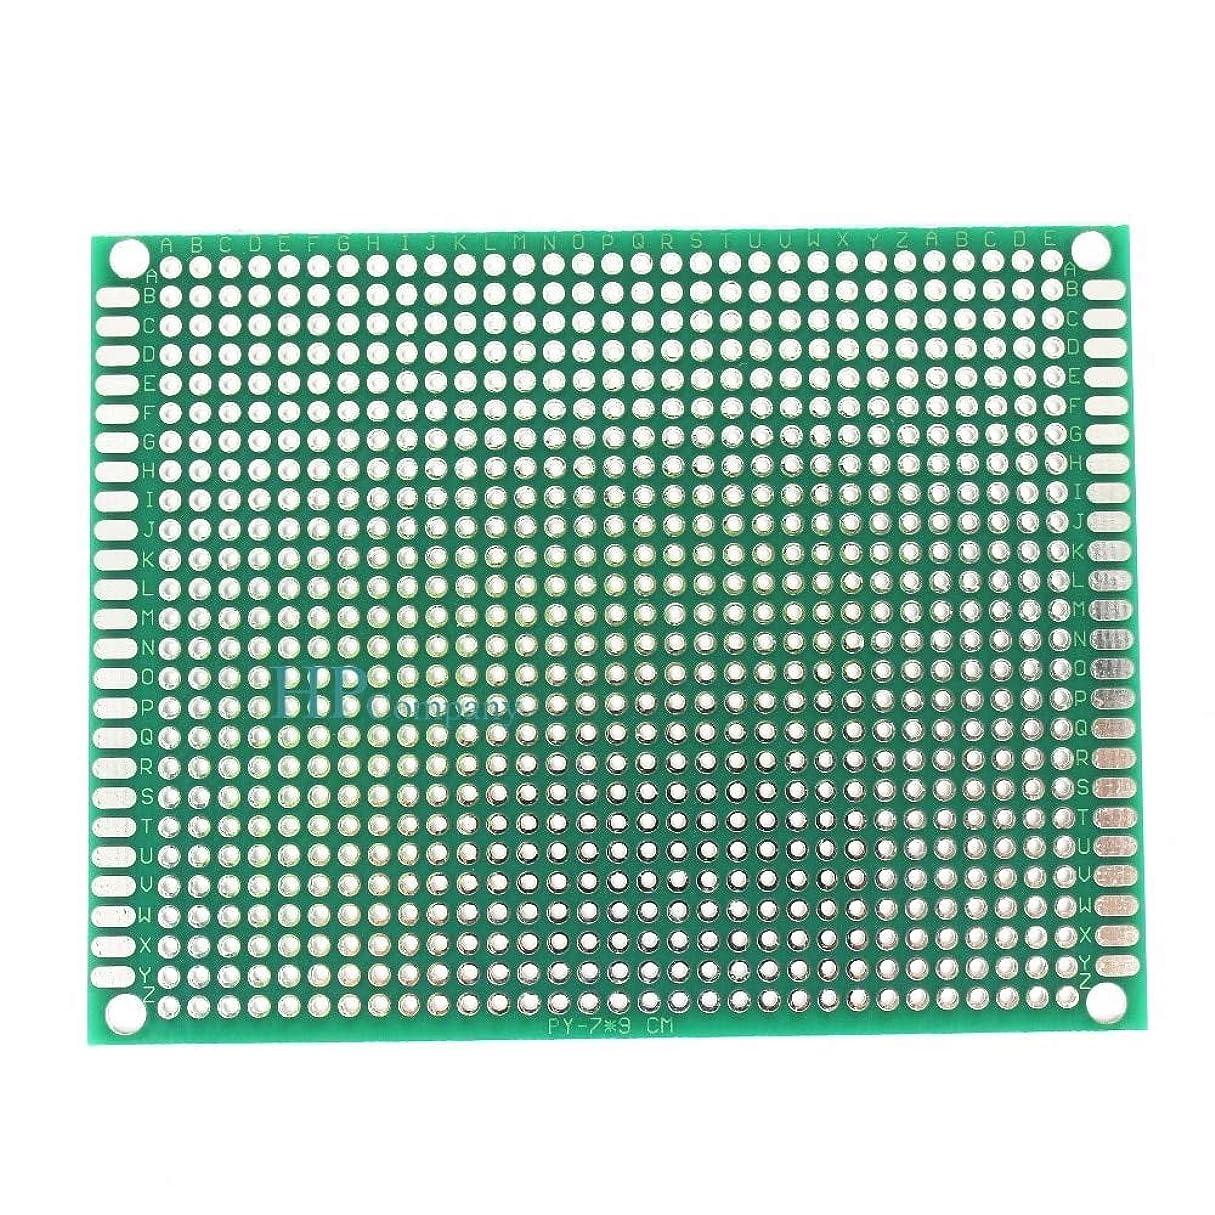 慣らす定数数学WillBest 1PCS 7 * 9CM 7X9cm Single Side PCB Board Glass Fiber Green PCB Circuit Board